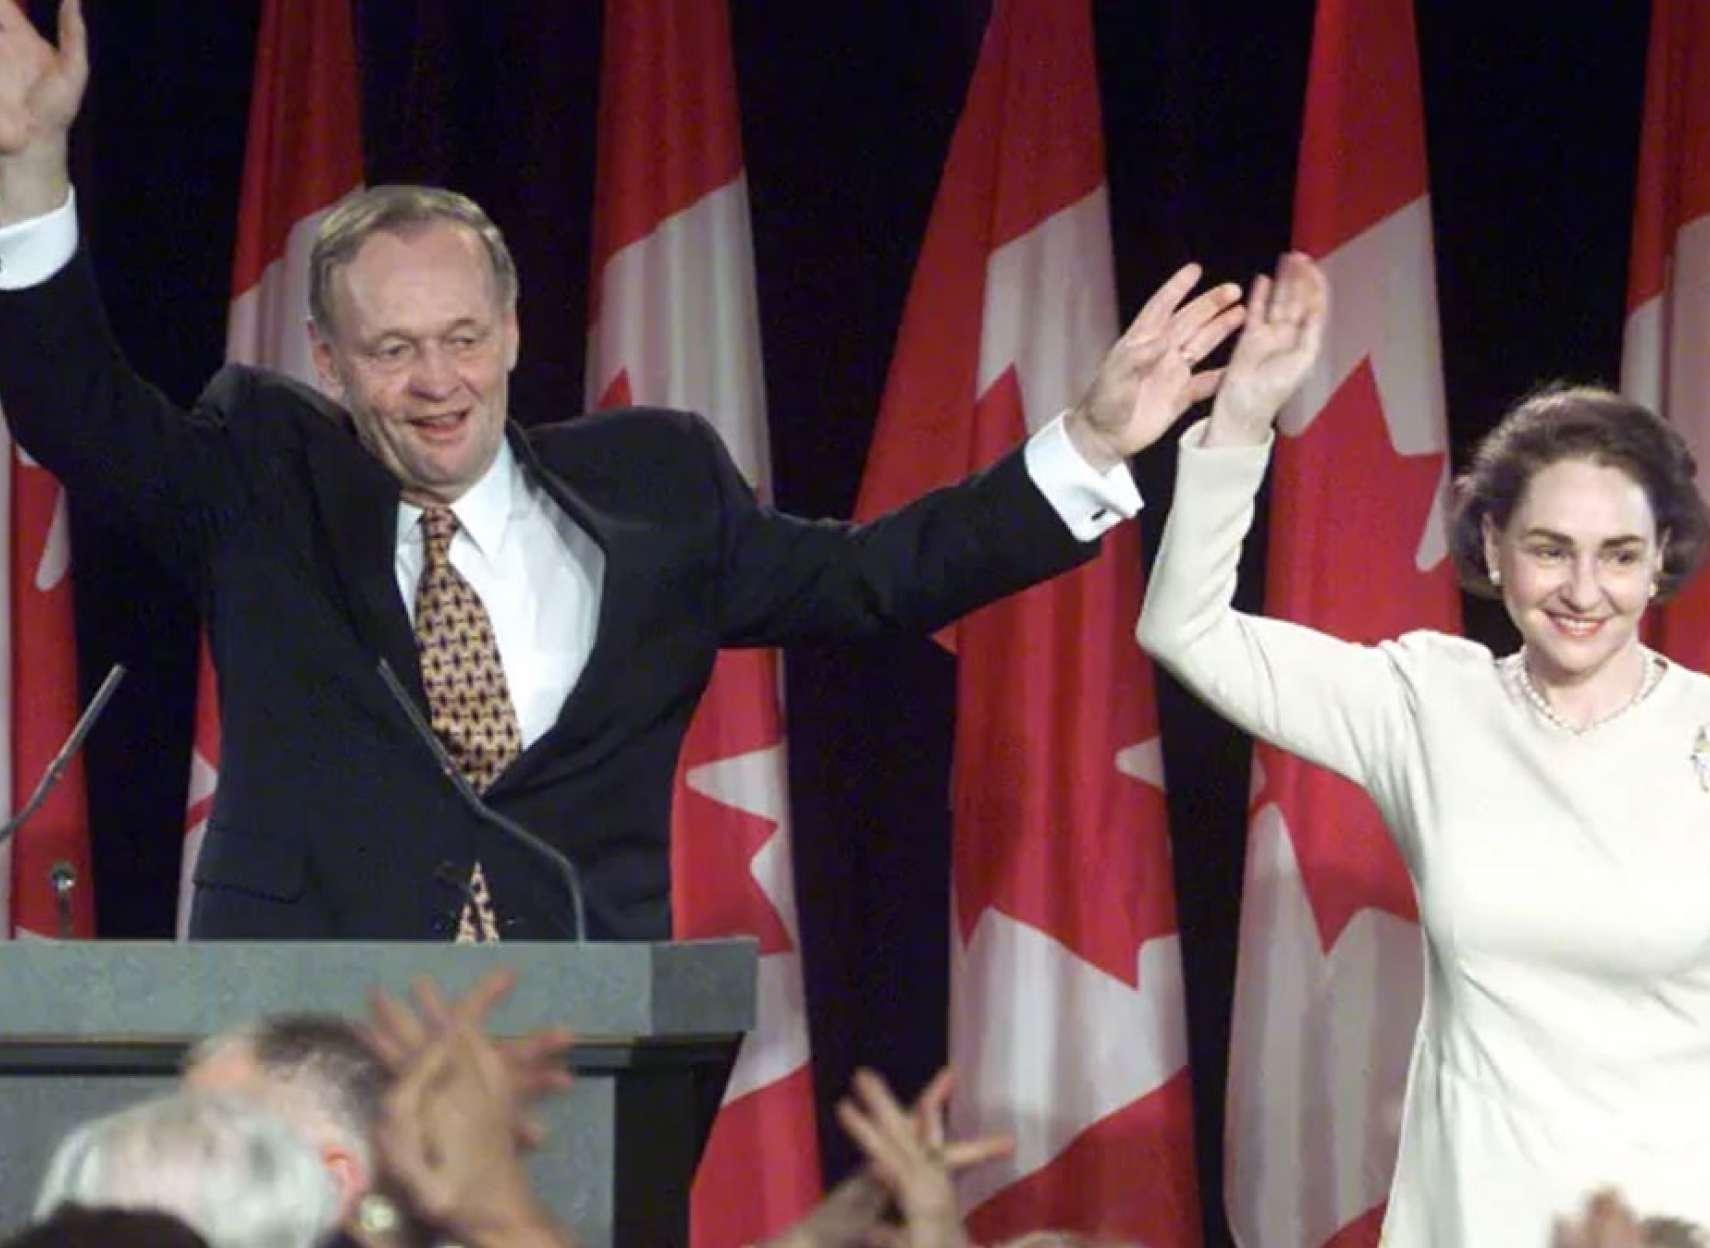 اخبار-کانادا-آلین-کریتین-همسر-ژان-کریتین-نخست-وزیر-پیشین-کانادا-در-۸۴-سالگی-درگذشت